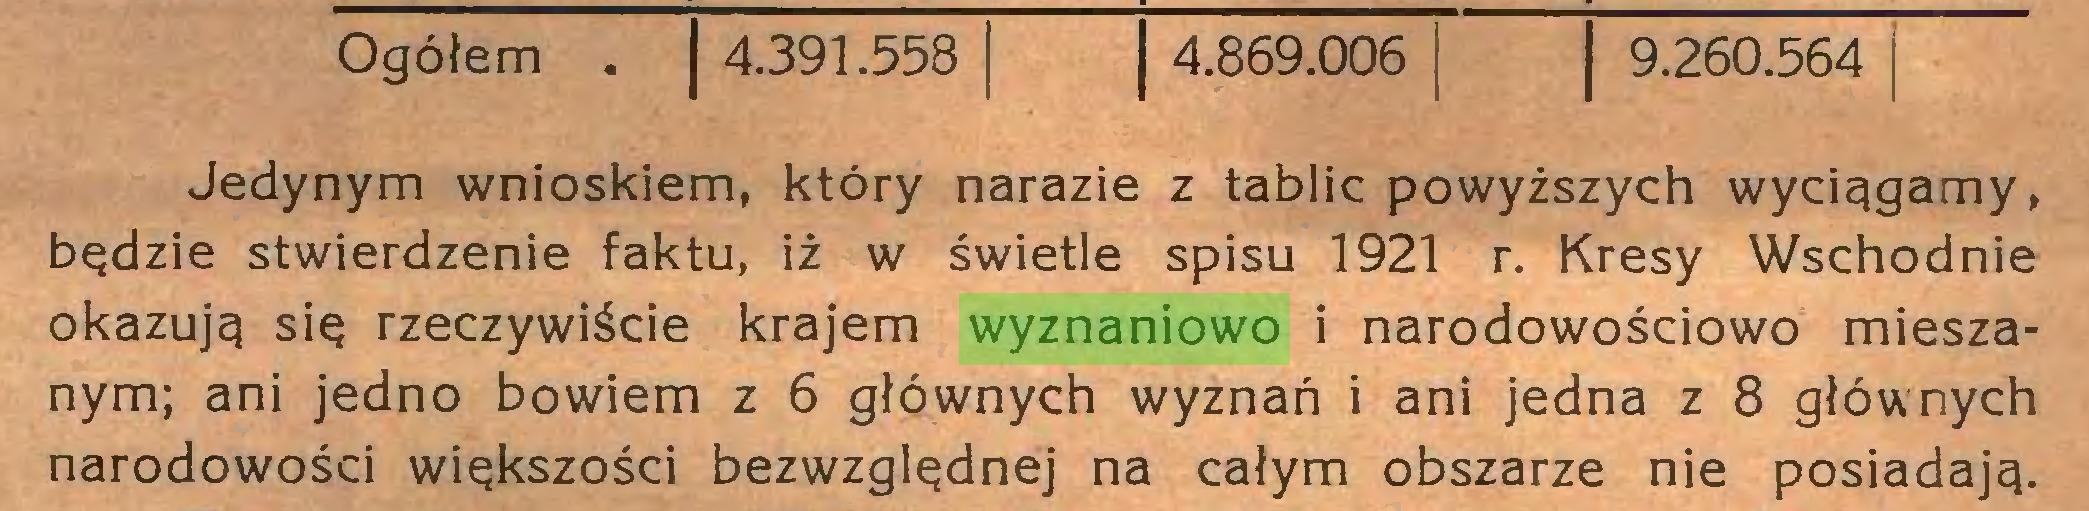 (...) Ogółem . 4.391.558 4.869.006 1 9.260.564 Jedynym wnioskiem, który narazie z tablic powyższych wyciągamy, będzie stwierdzenie faktu, iż w świetle spisu 1921 r. Kresy Wschodnie okazują się rzeczywiście krajem wyznaniowo i narodowościowo mieszanym; ani jedno bowiem z 6 głównych wyznań i ani jedna z 8 głównych narodowości większości bezwzględnej na całym obszarze nie posiadają...